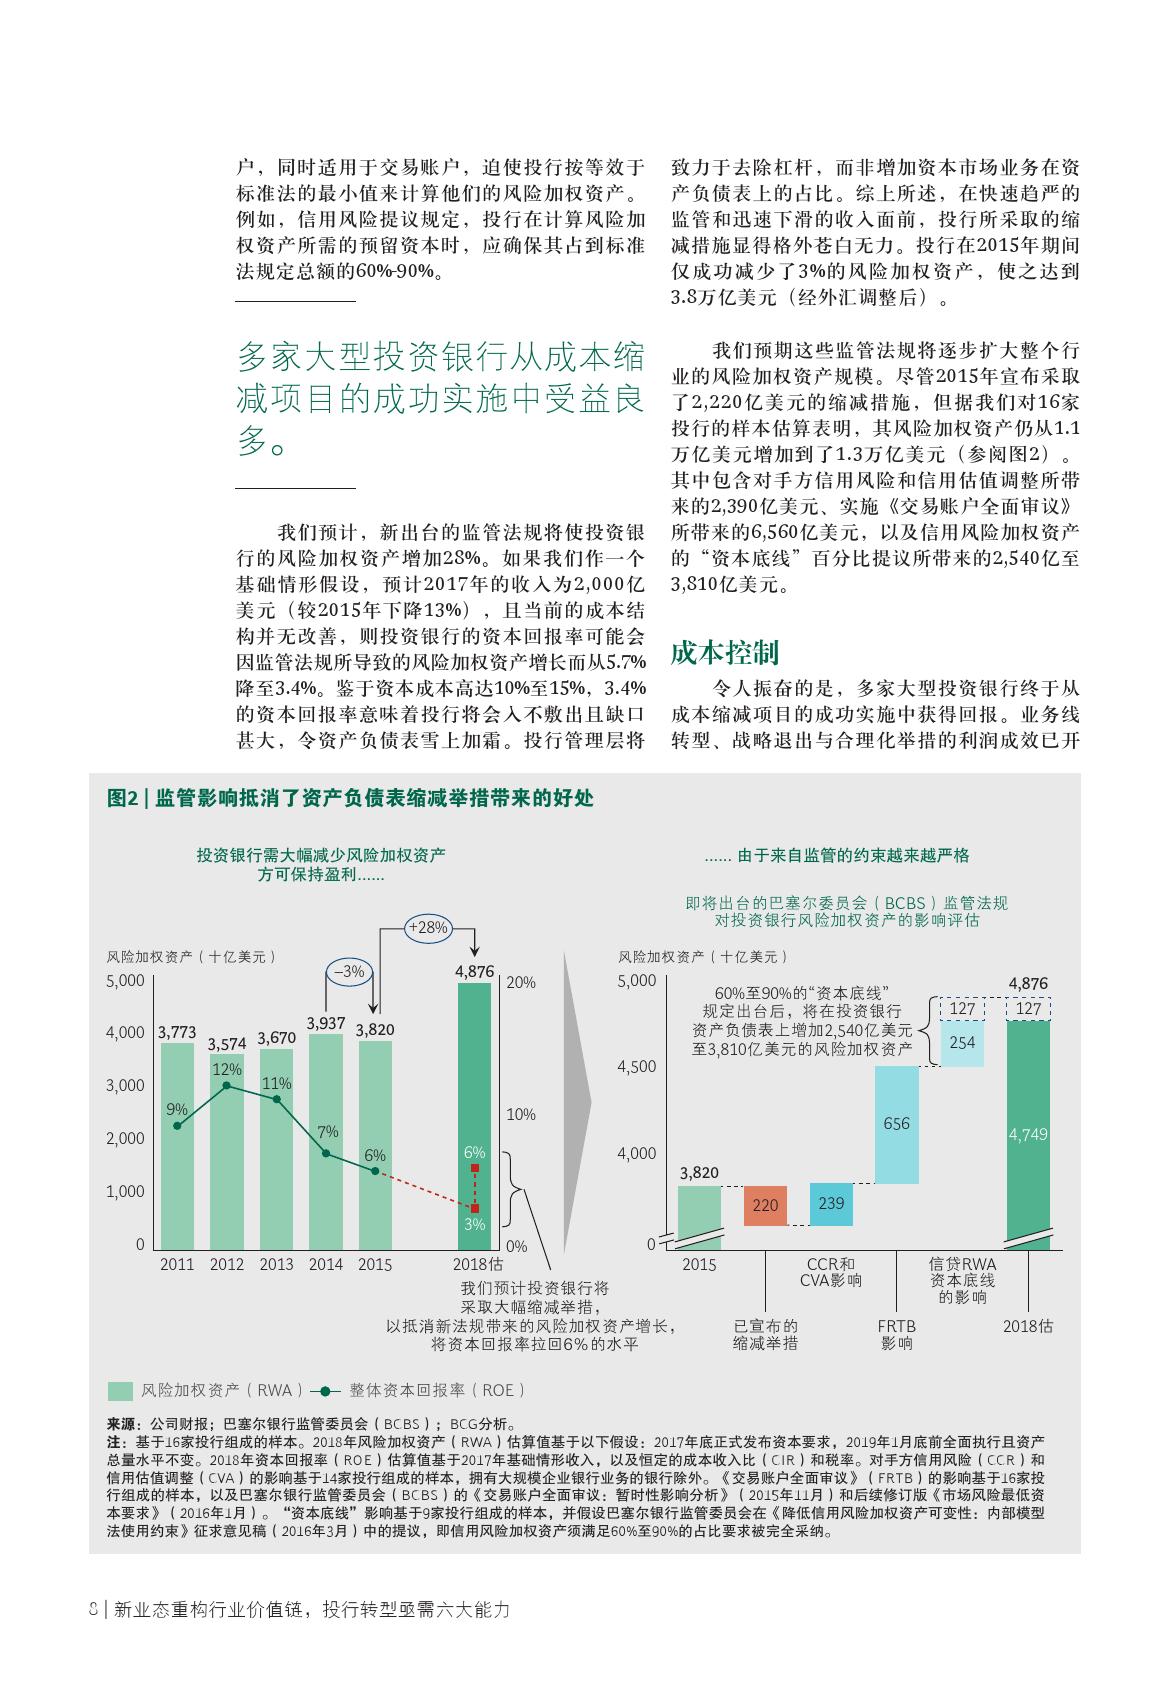 2016年全球资本市场报告_000010